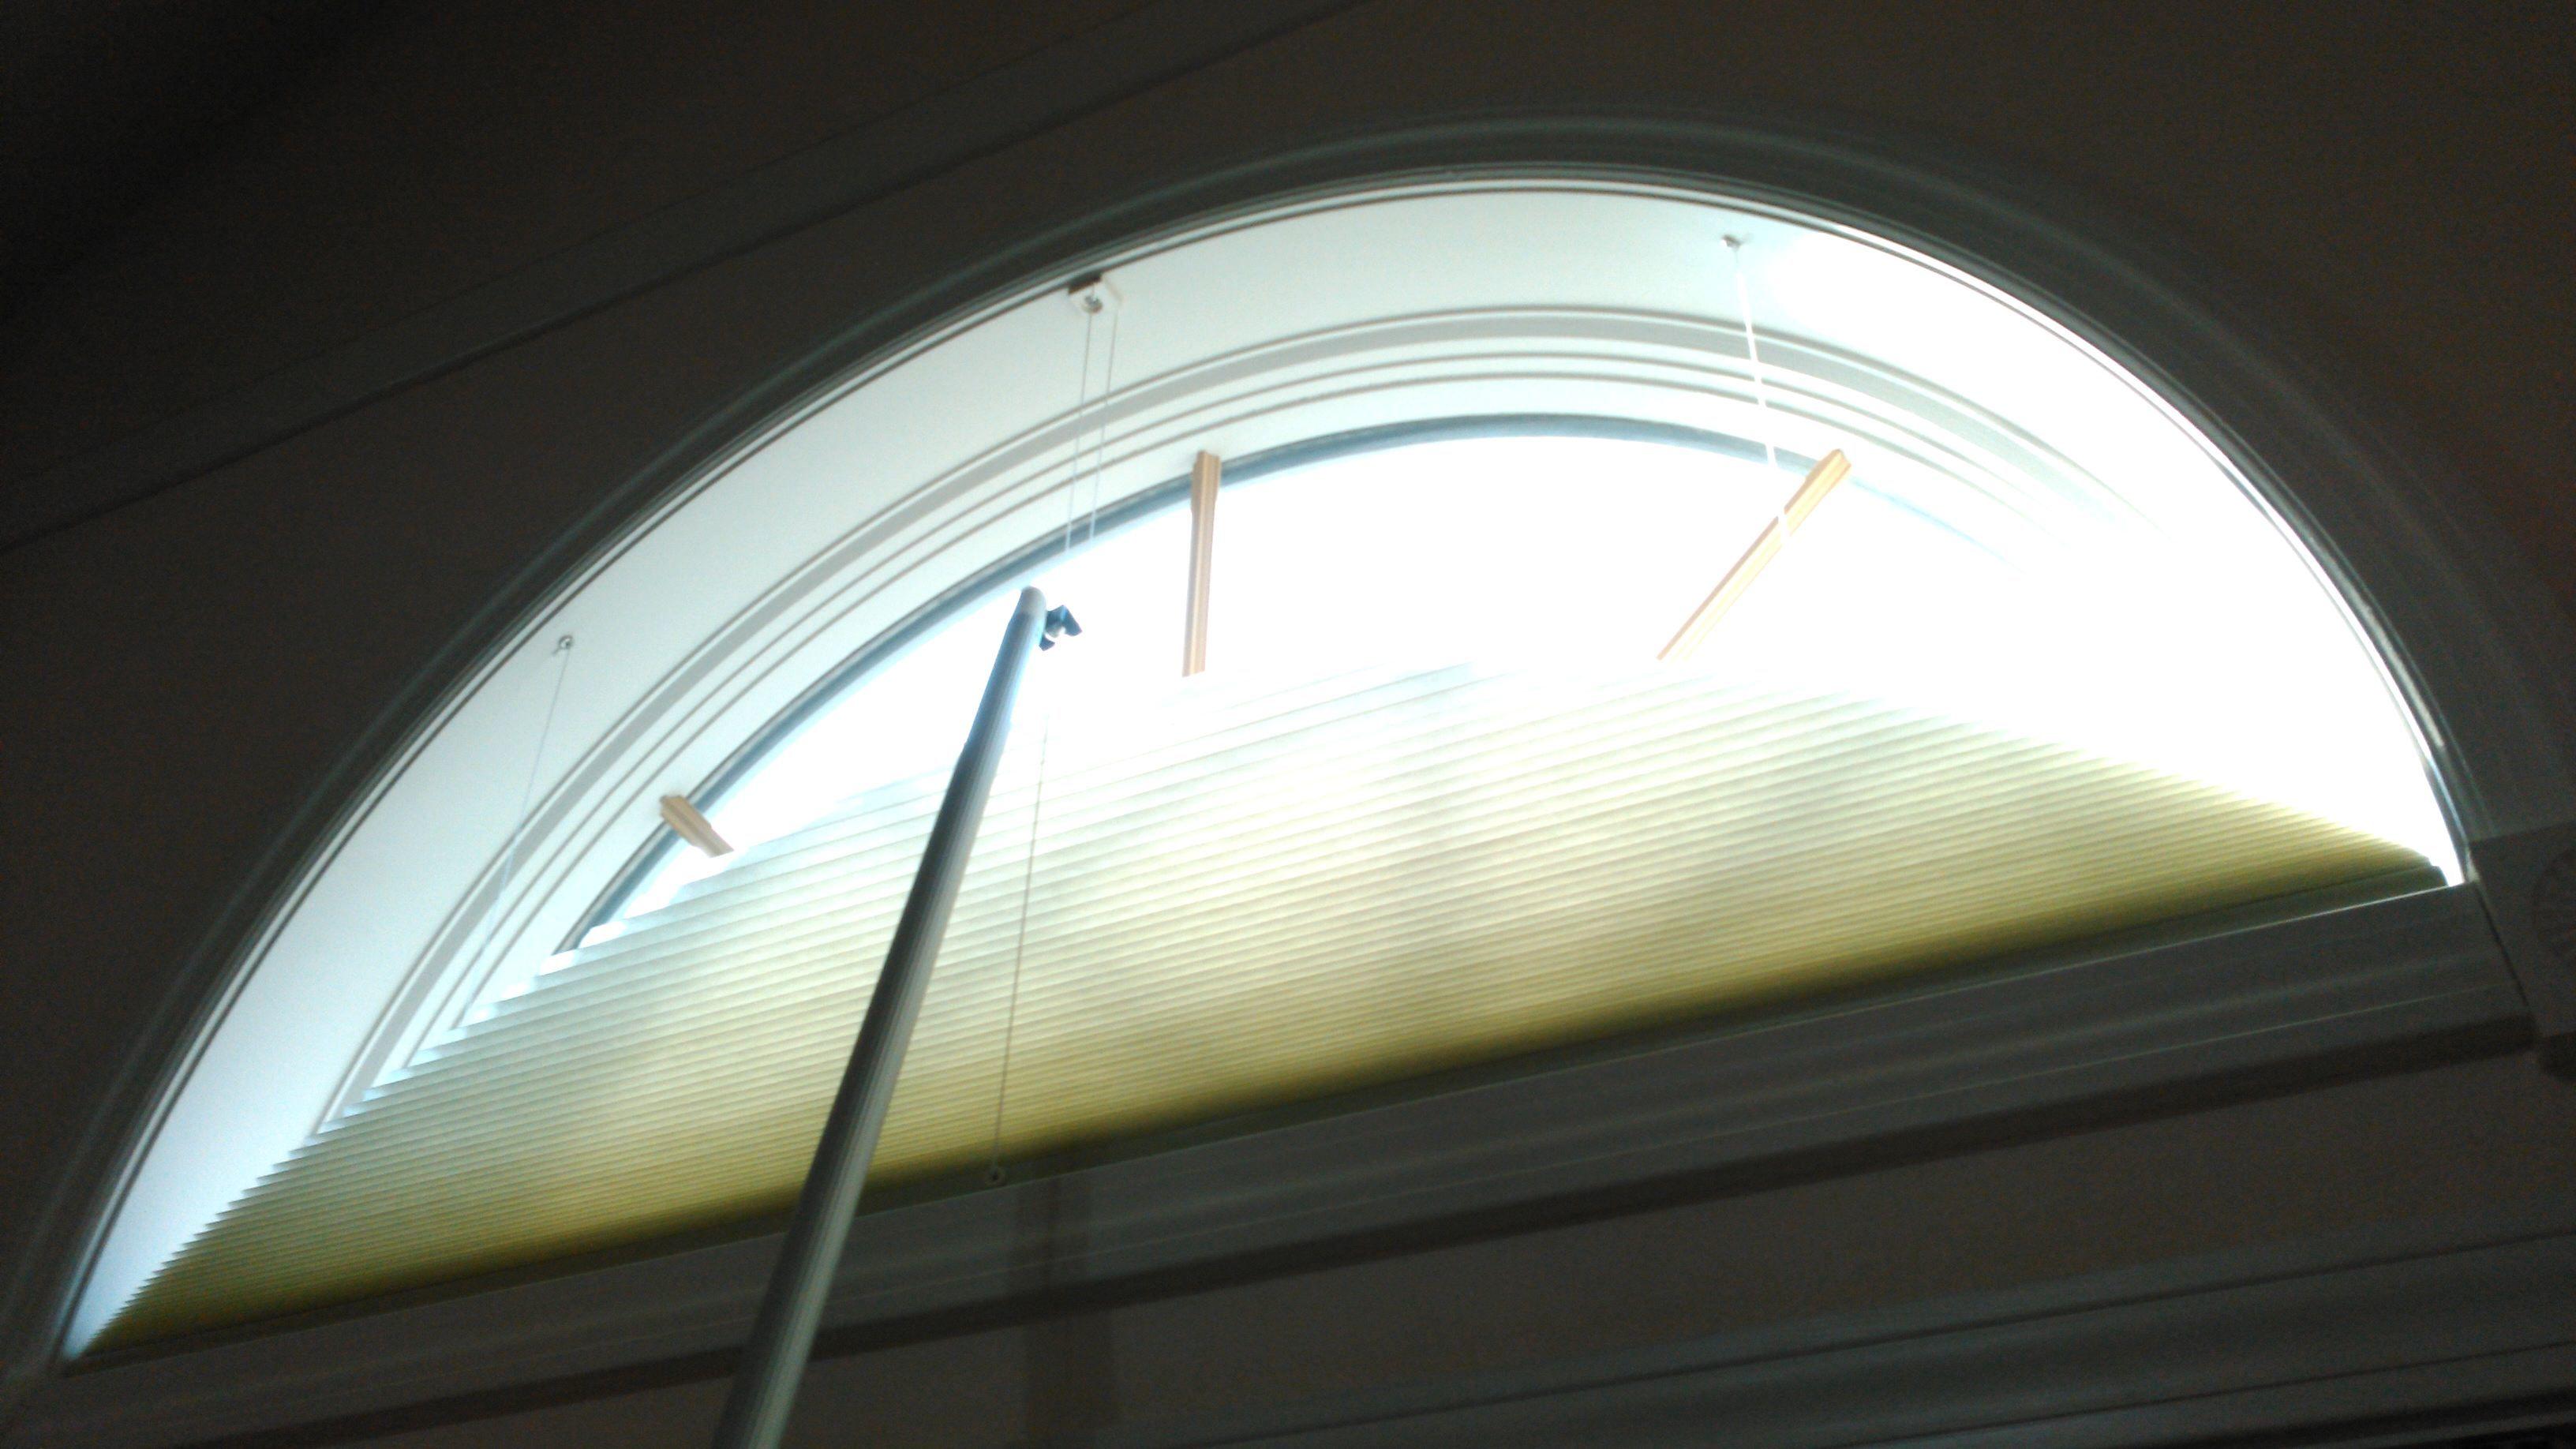 モリスの『カーテンとプレーンシェード』のクリーニングと半円窓の断熱工事 モリス正規販売店のブライト_c0157866_19242025.jpg